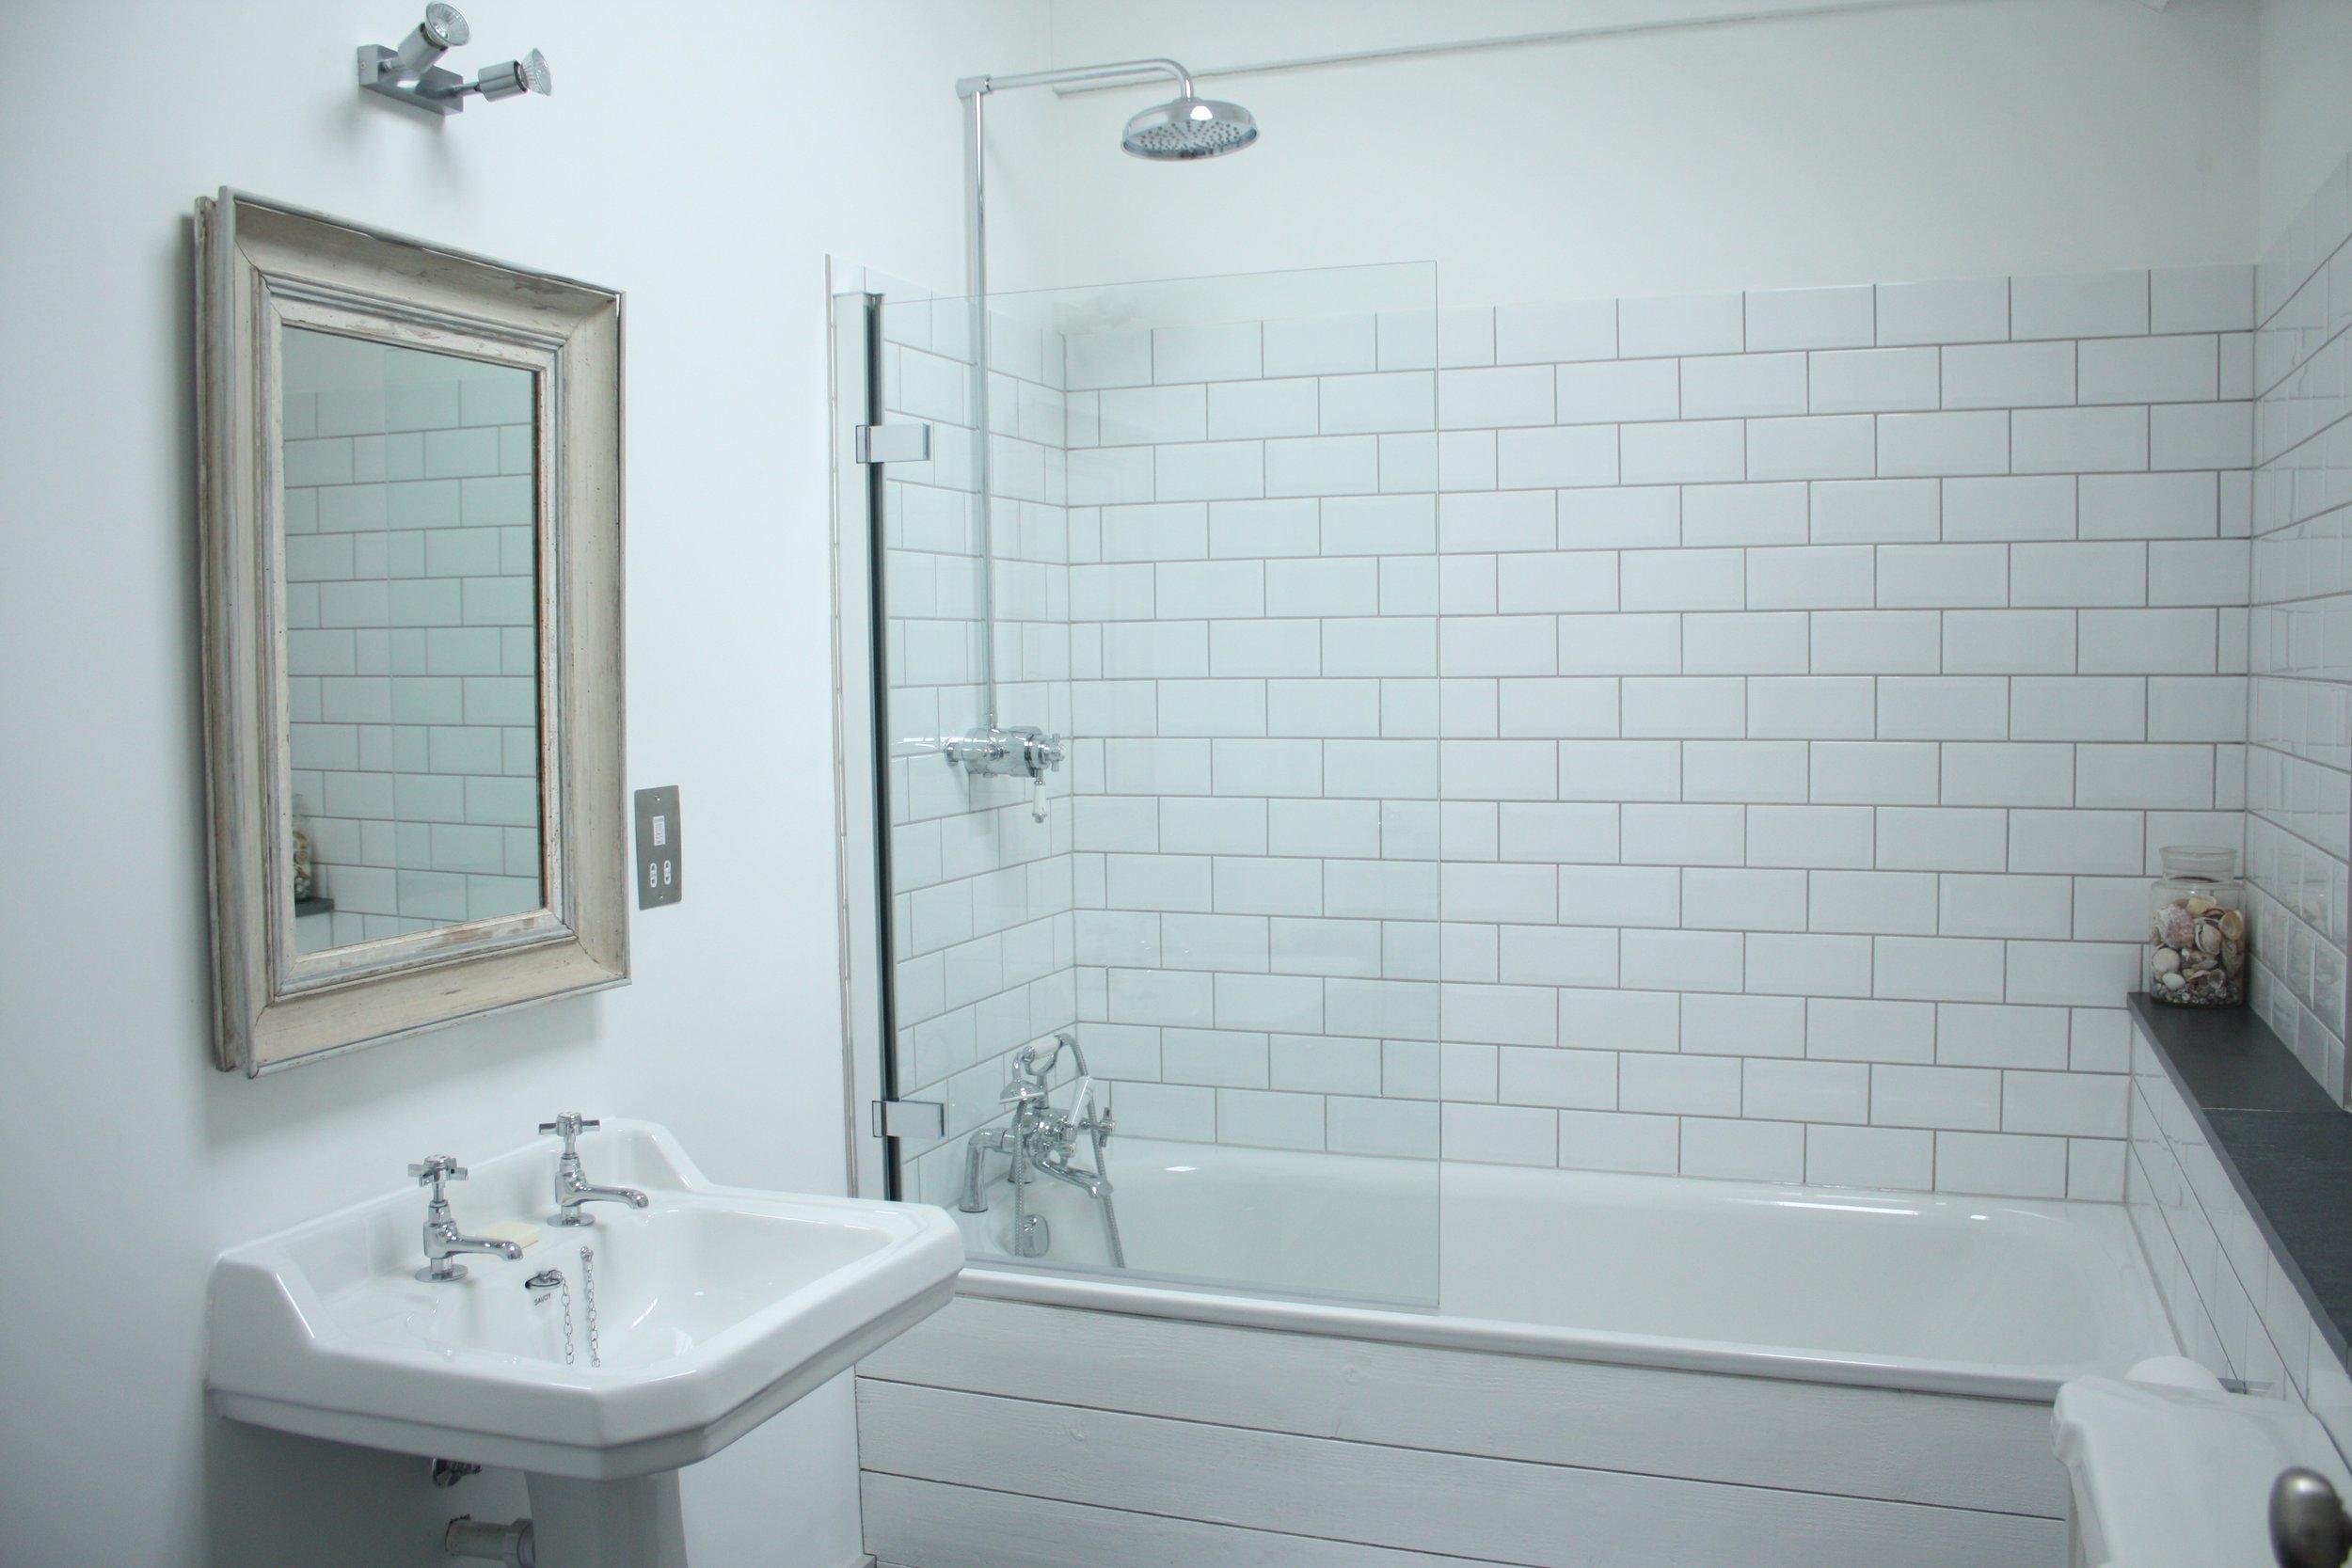 Upcott Farm Calfshed Bathroom